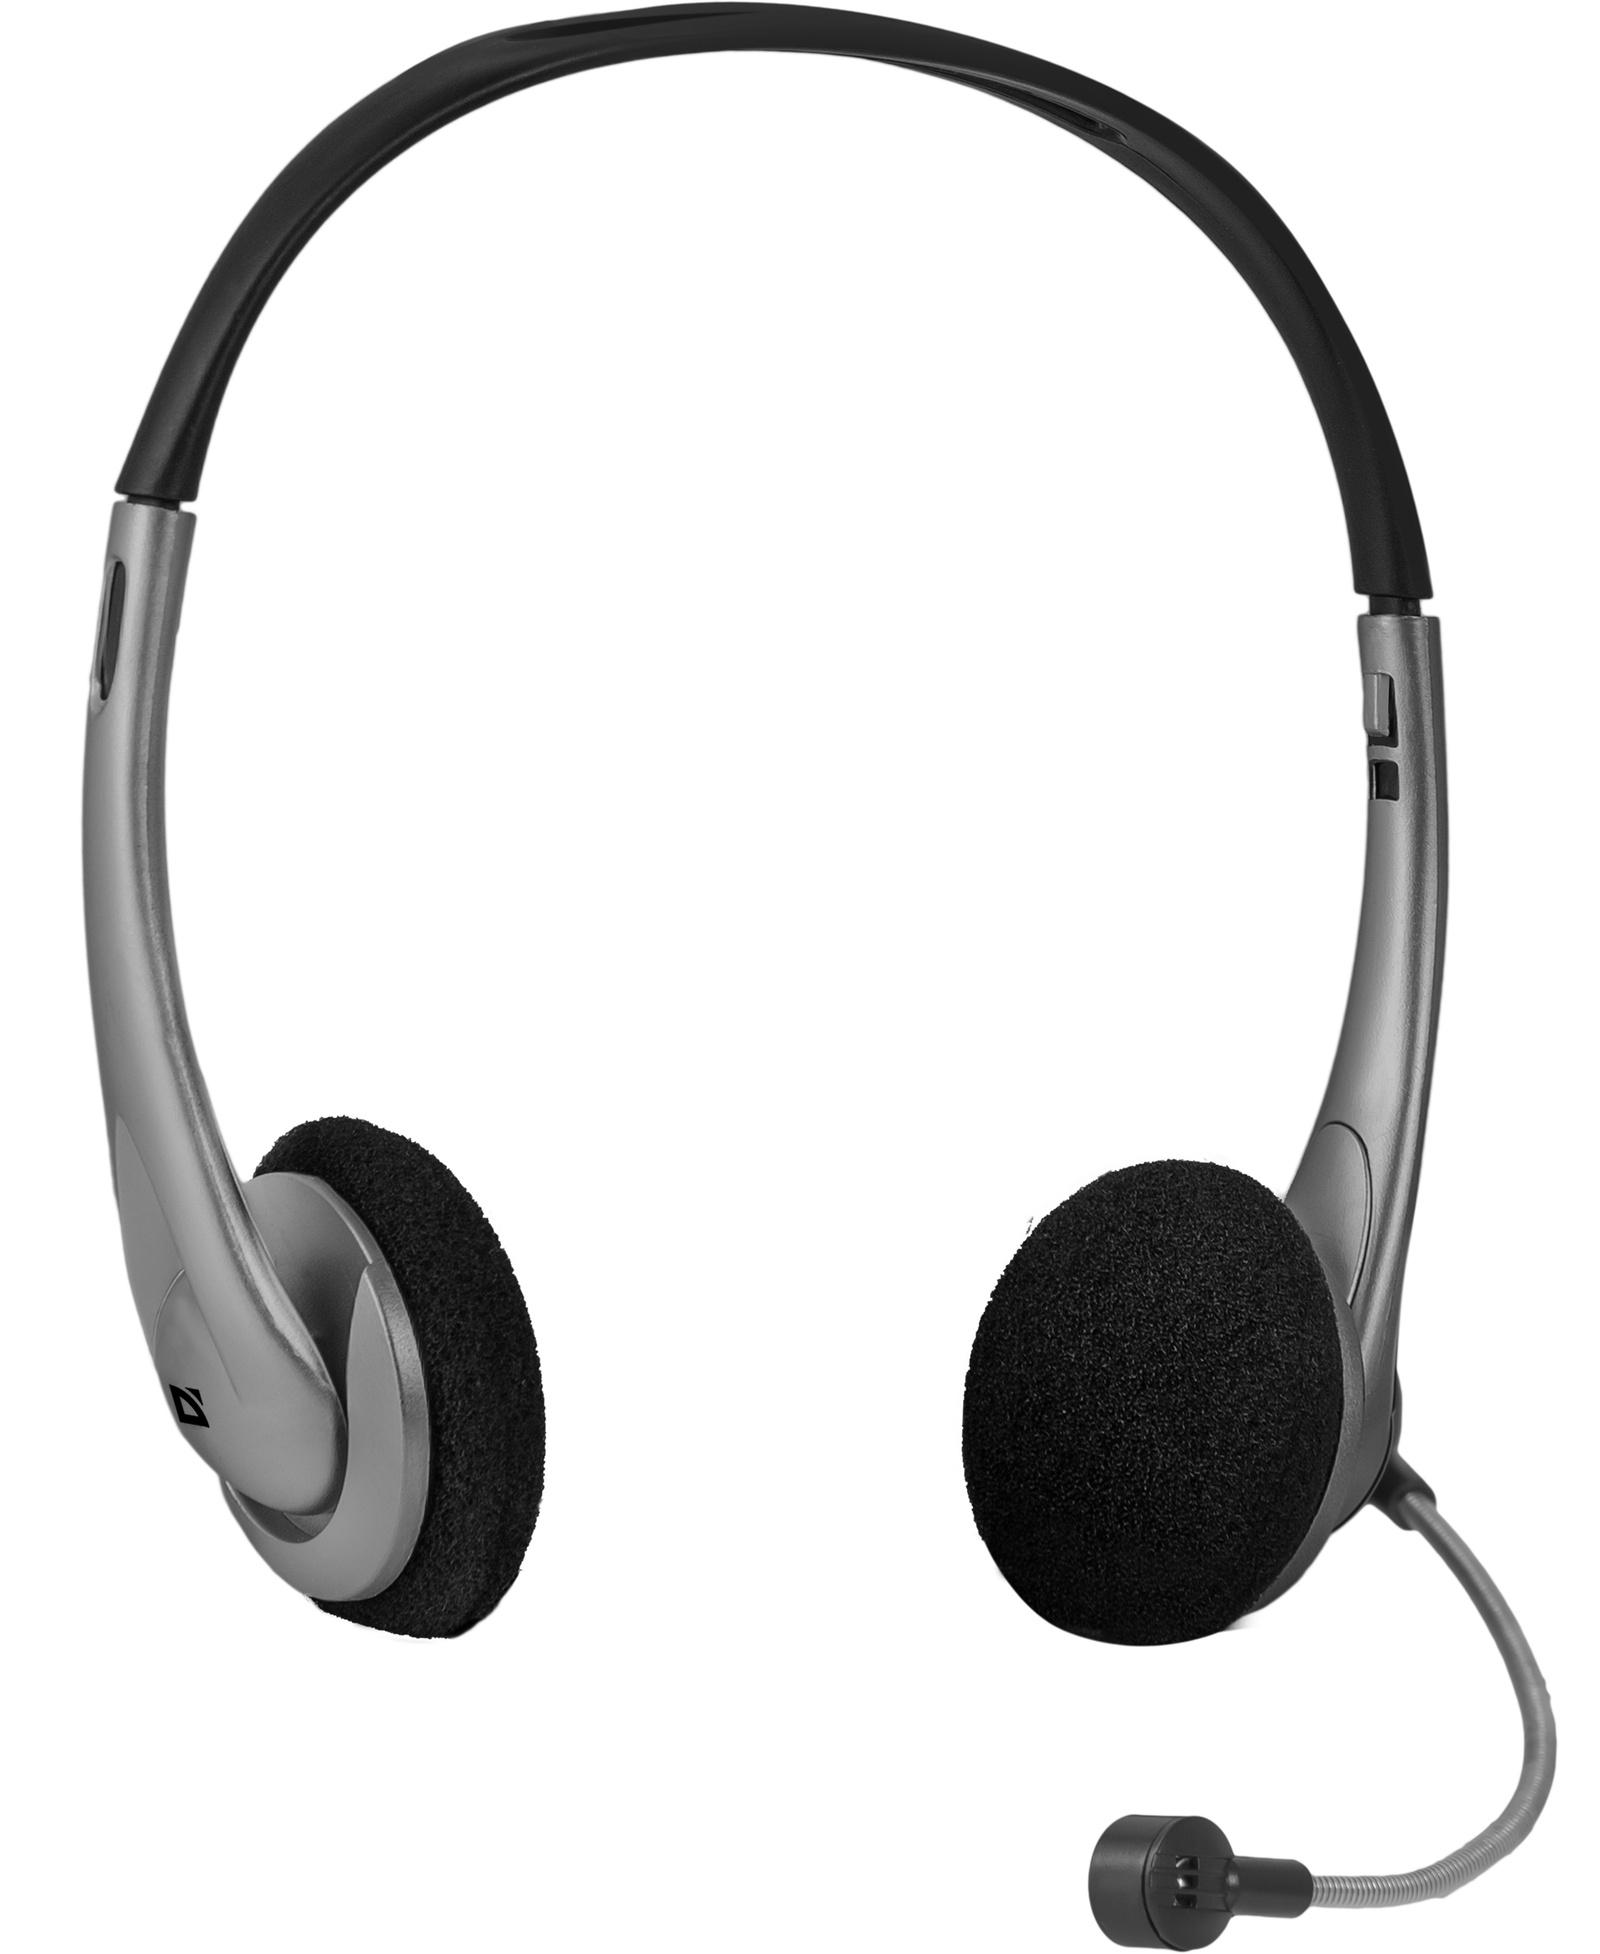 Компьютерная гарнитура Defender Aura 114, черный, серый цена